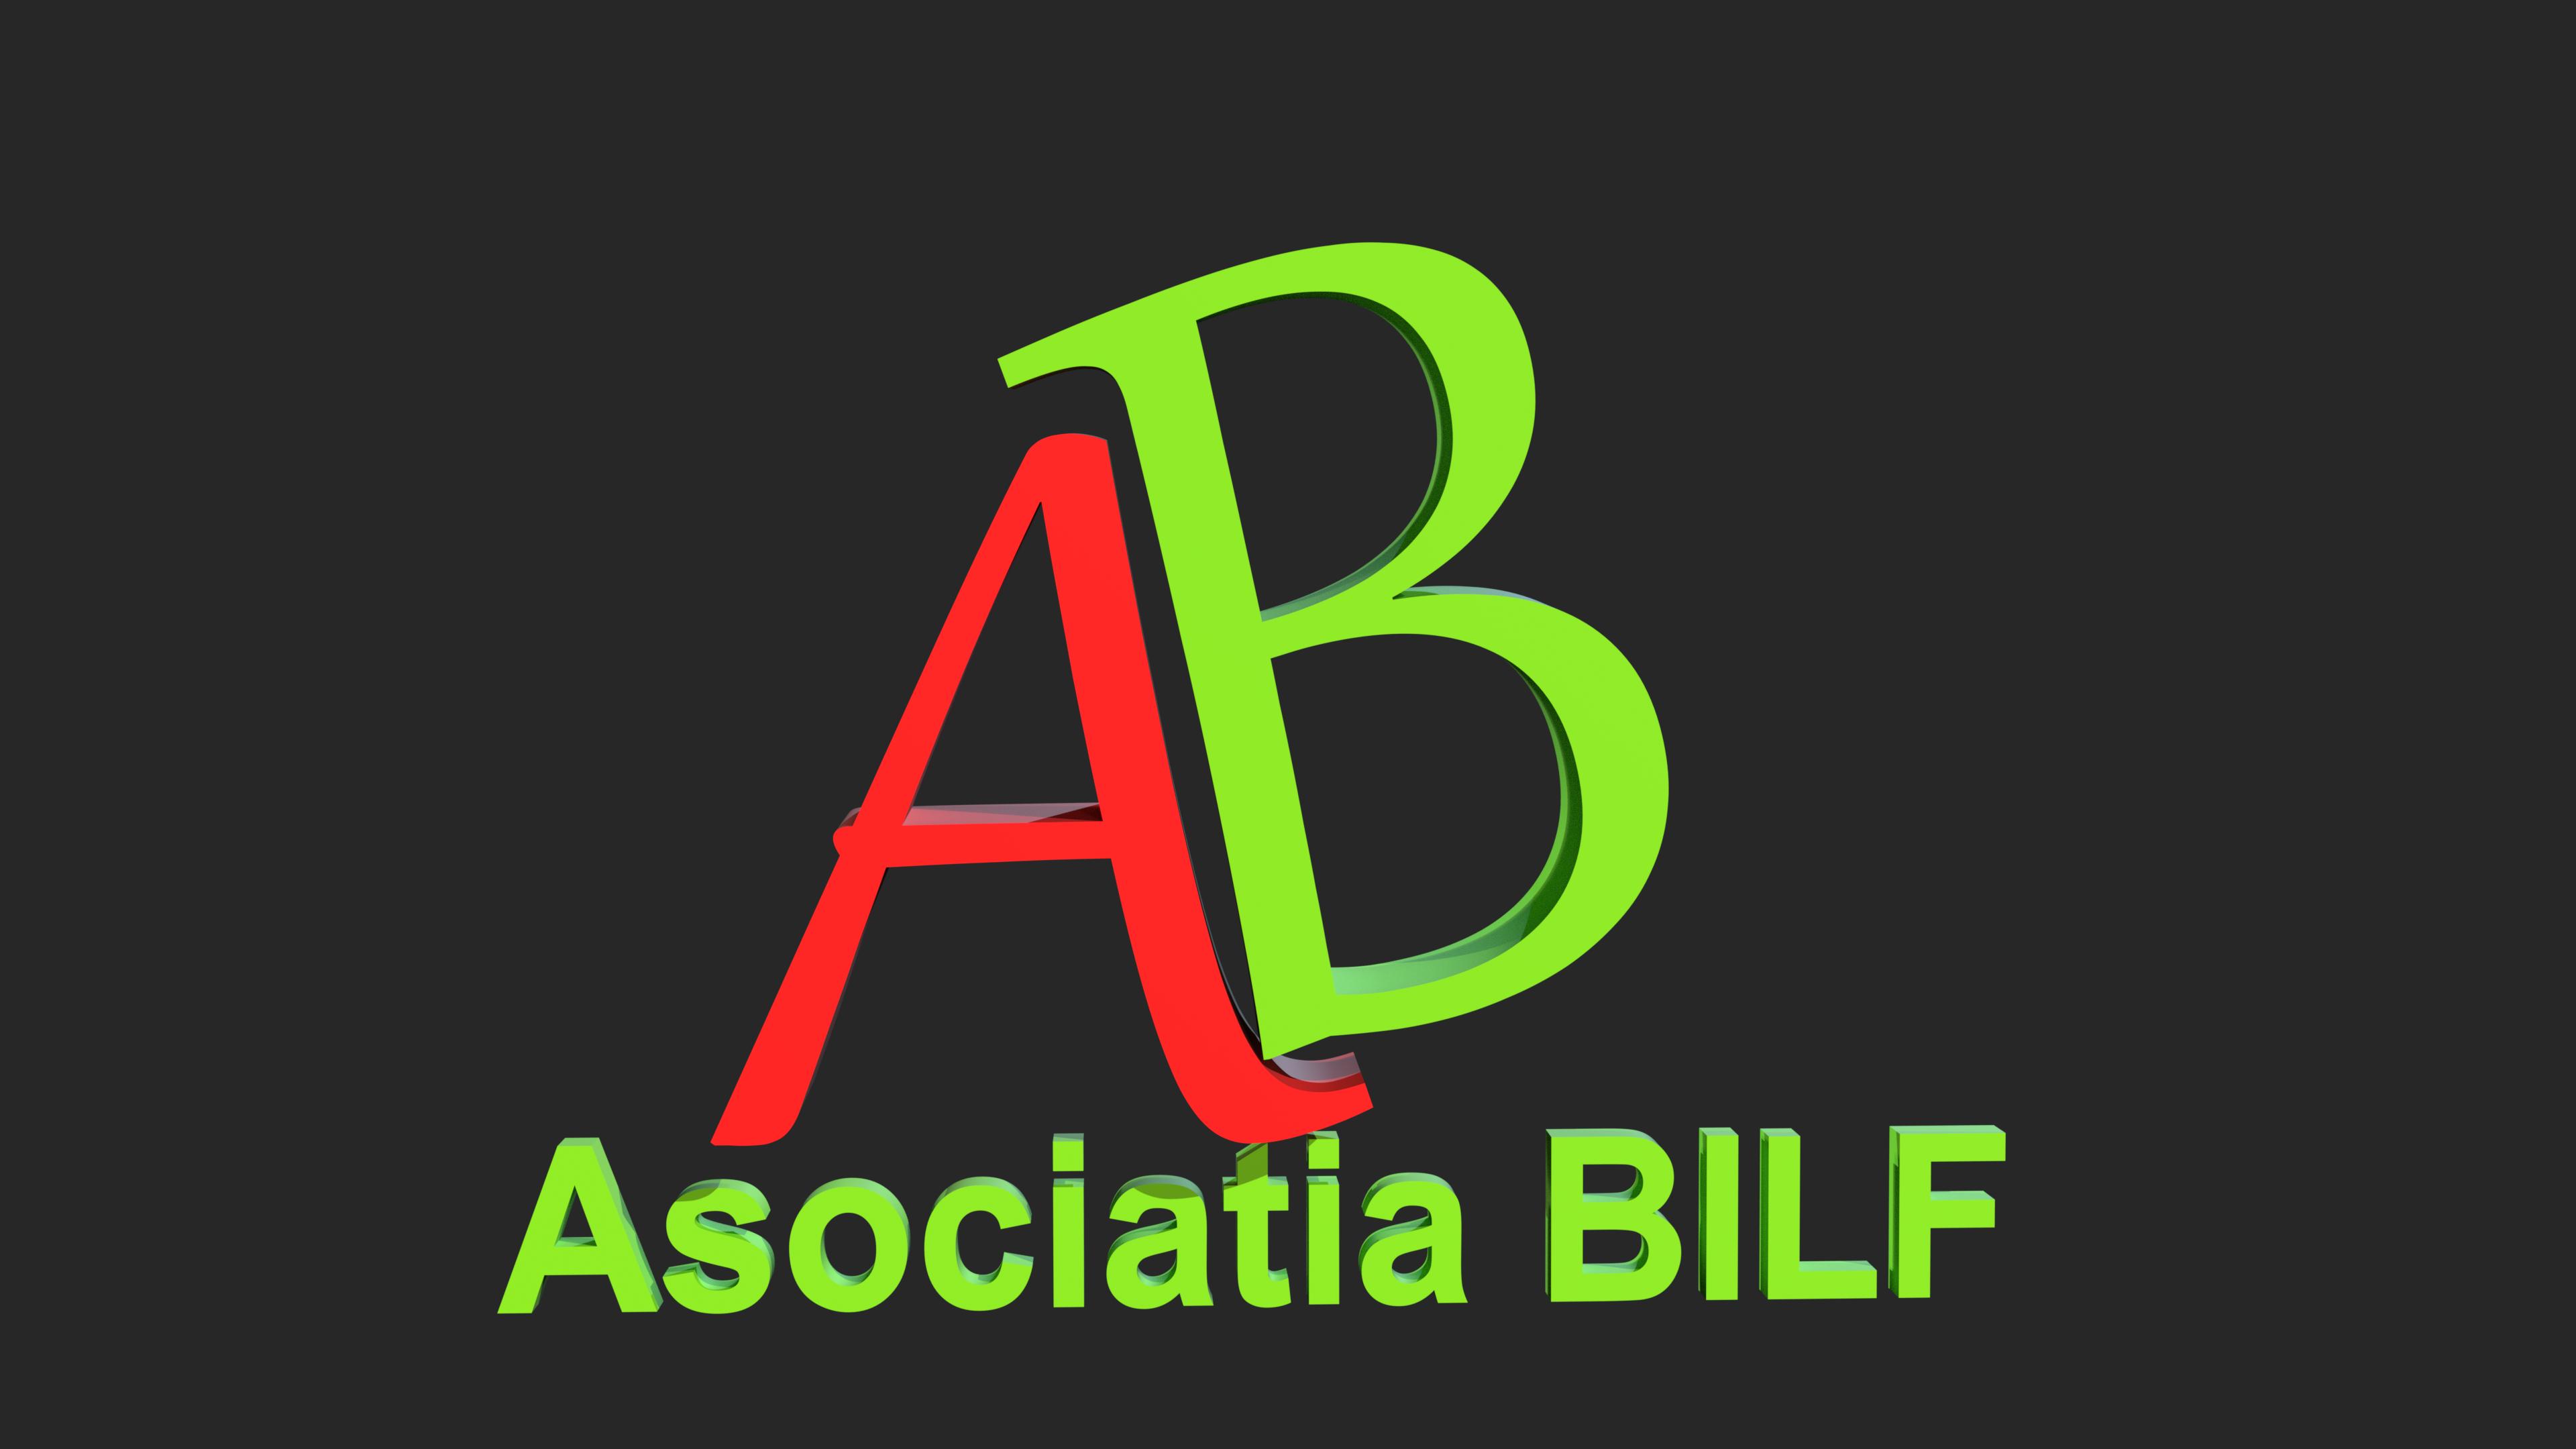 Asociatia BILF logo